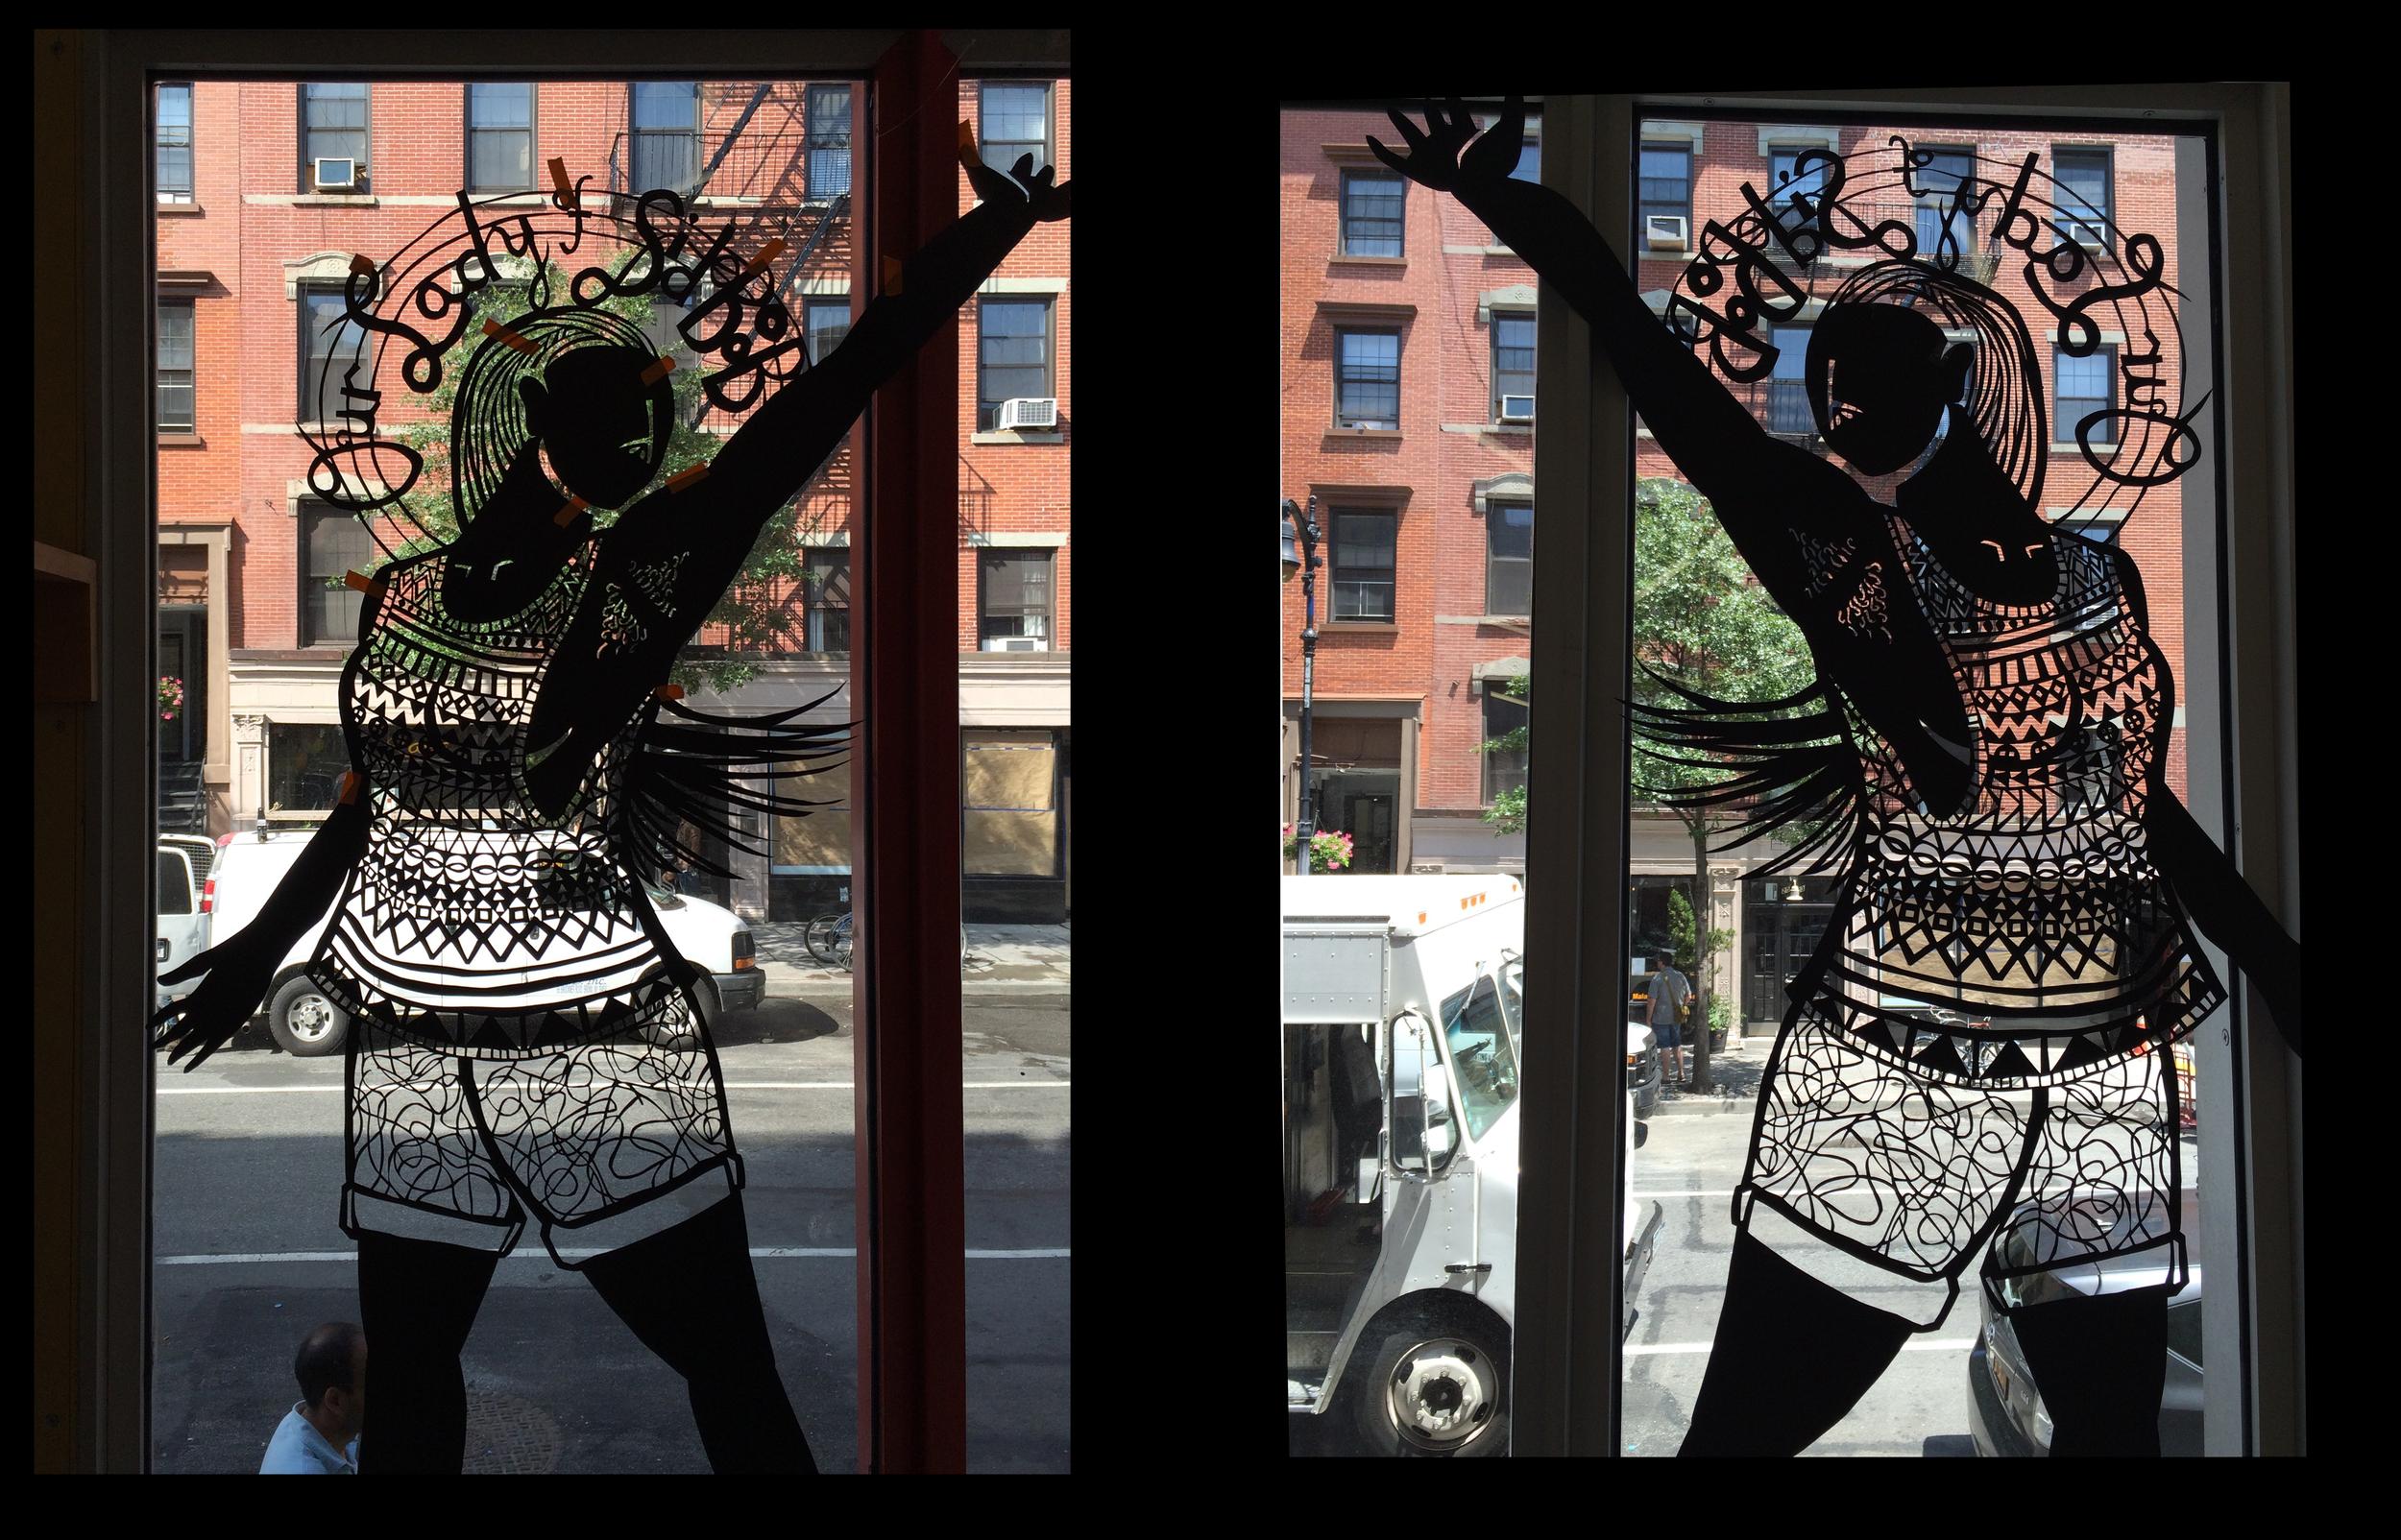 lady in window 2.jpg